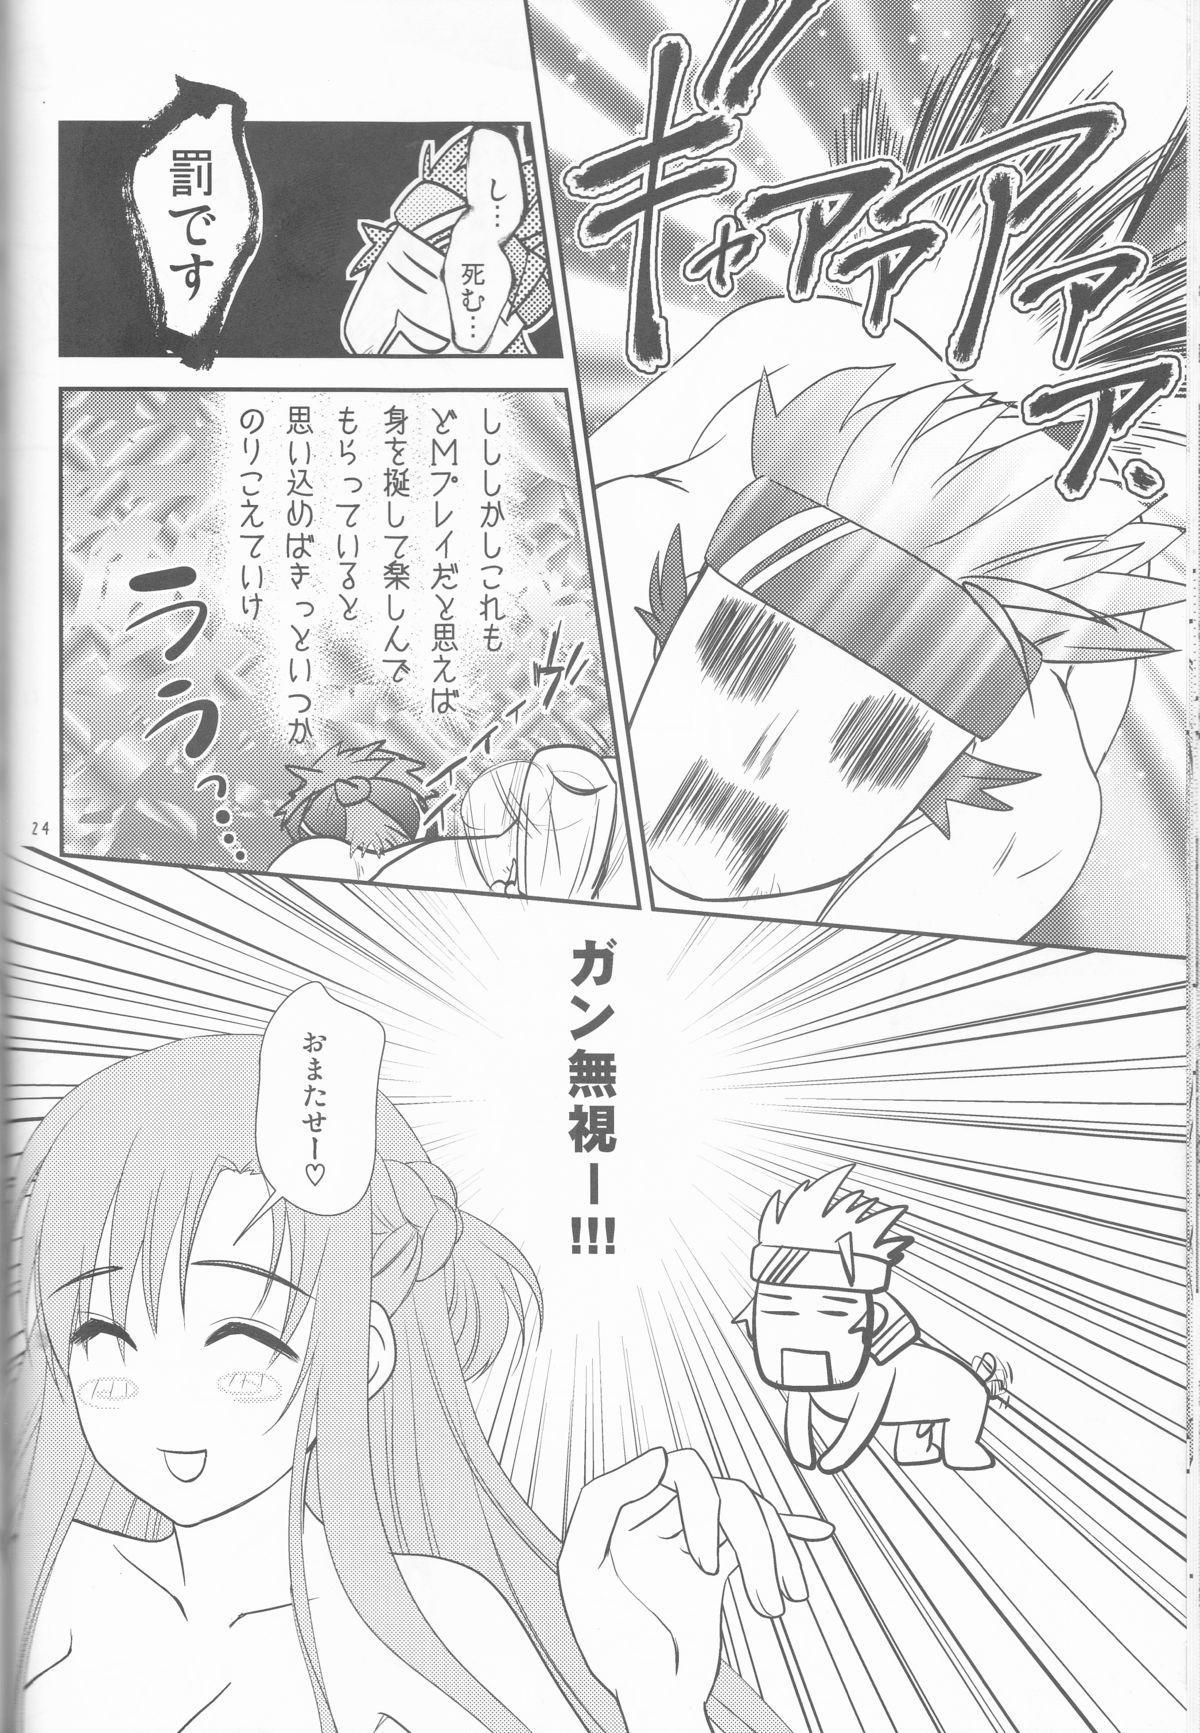 Kirito-kun no shiroku betatsuku nani ka 3 23